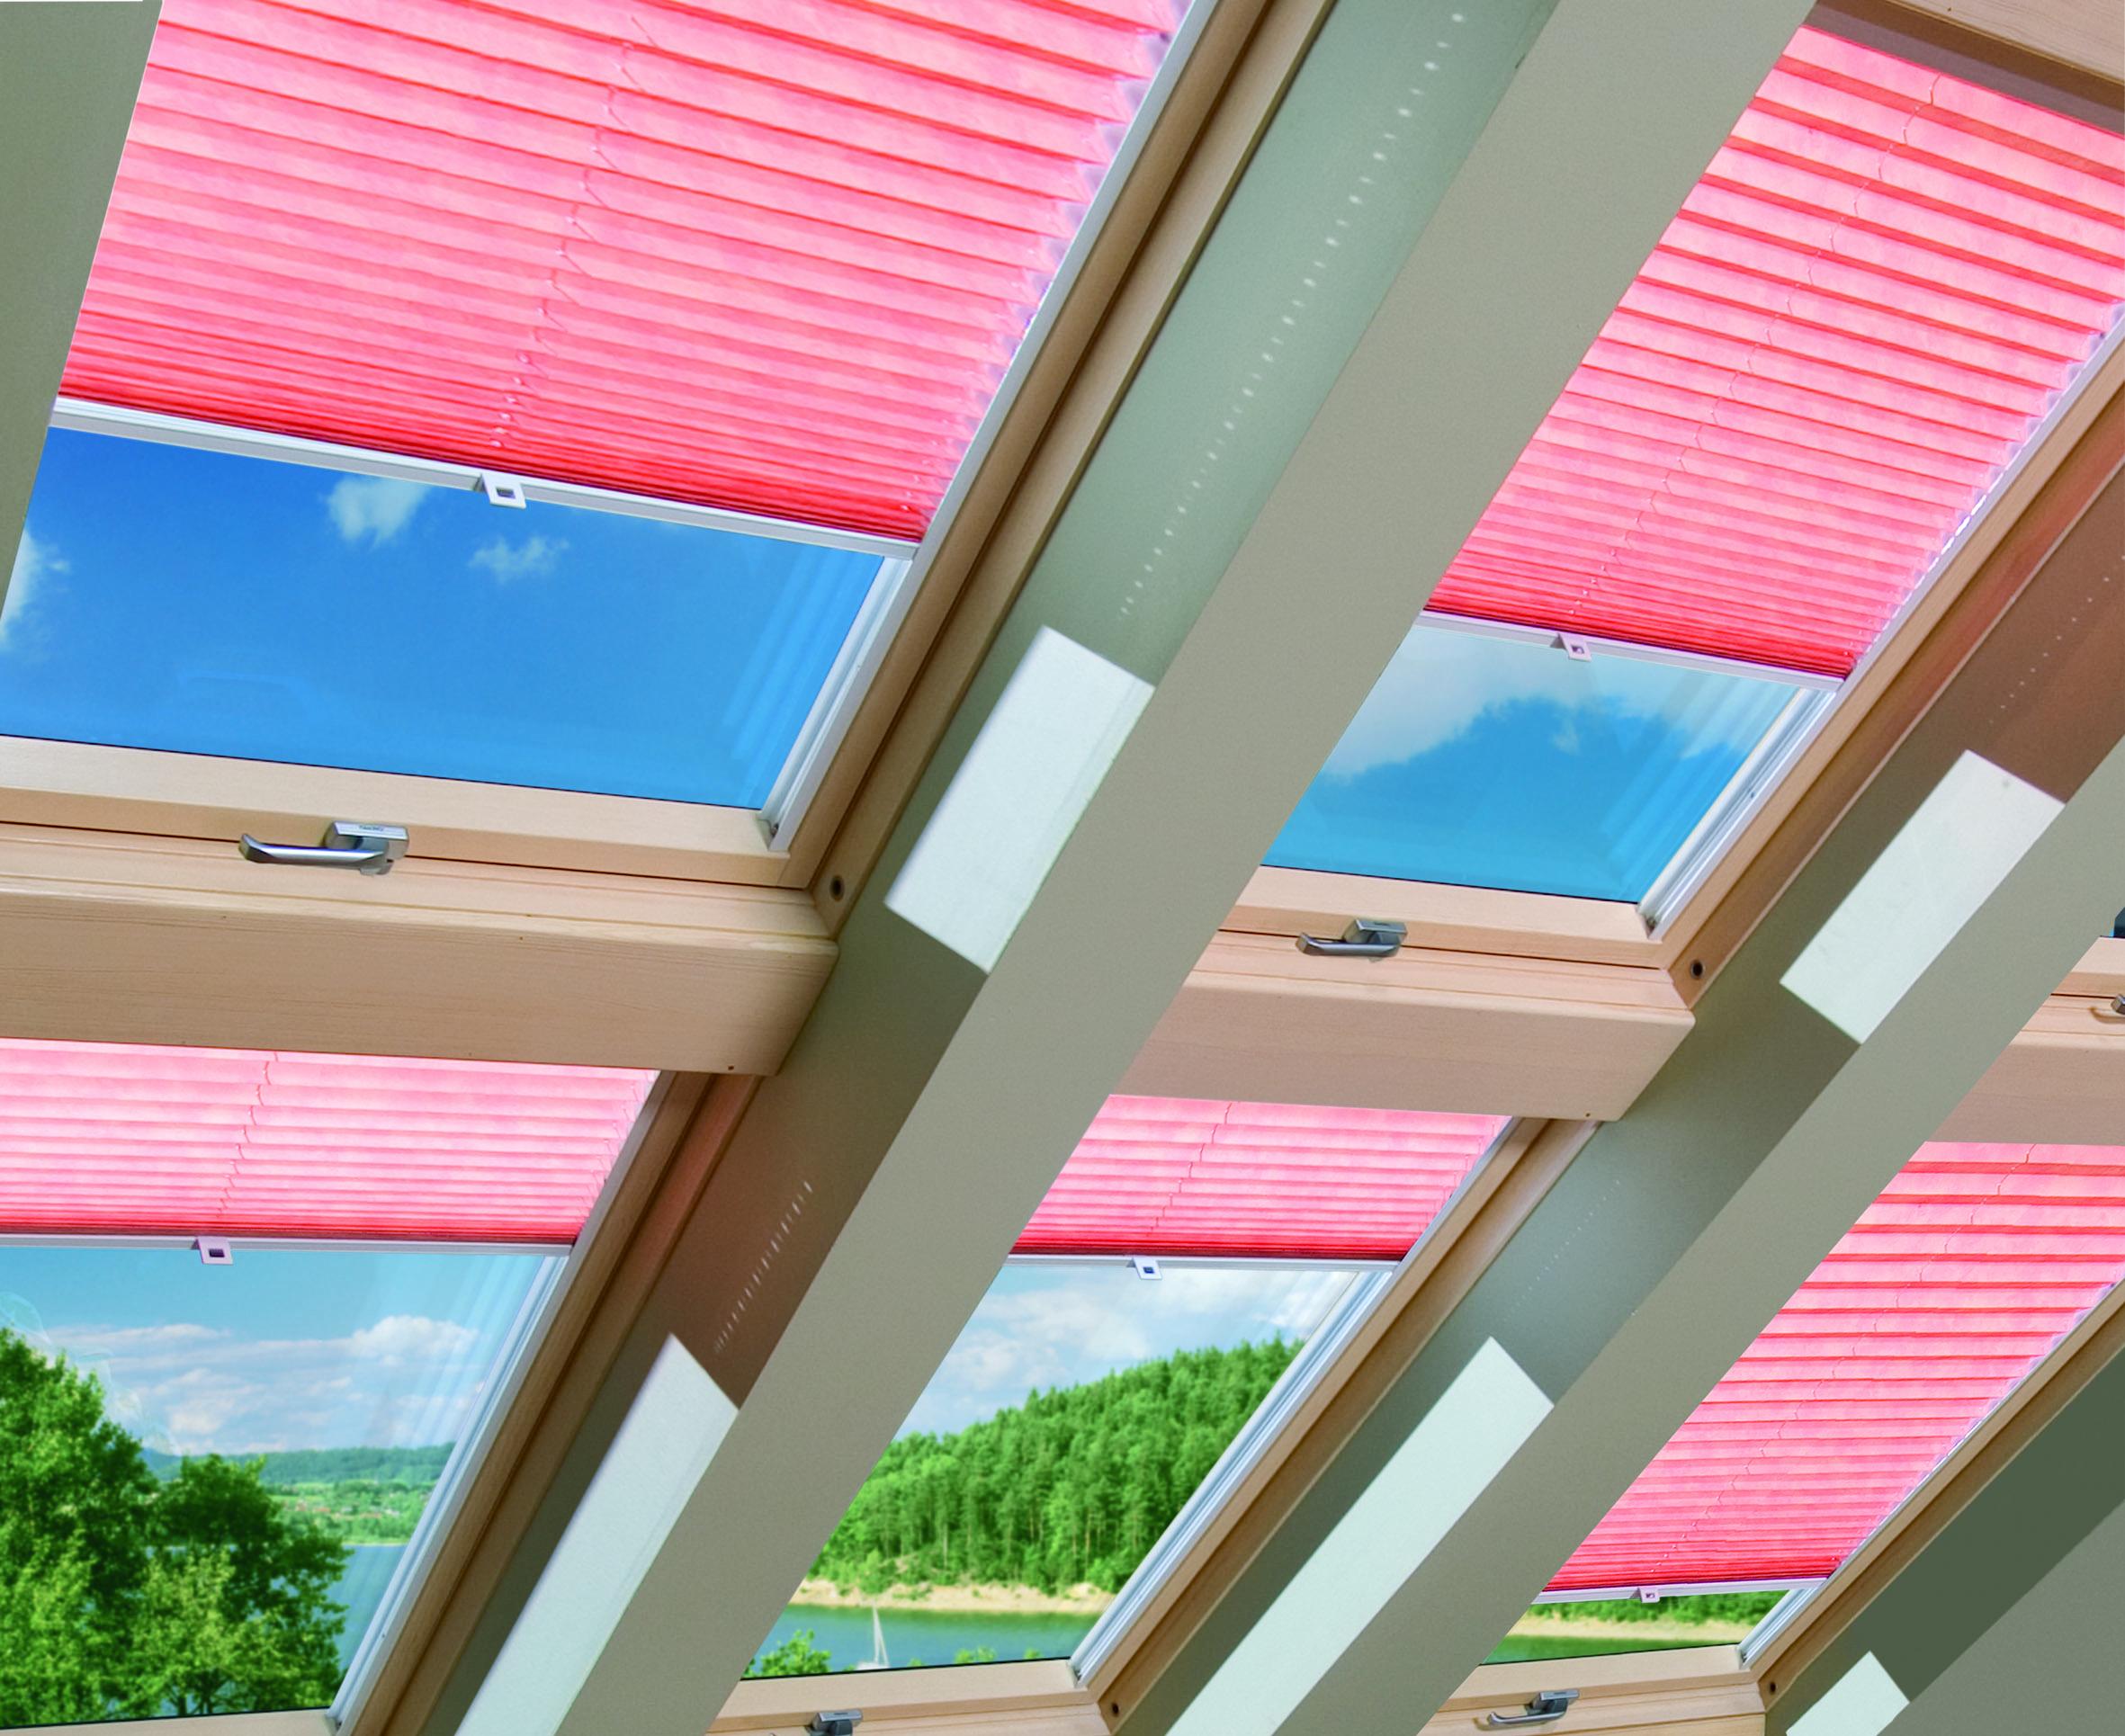 Dopřejte si dostatek světla a čerstvého vzduchu s okny budoucnosti